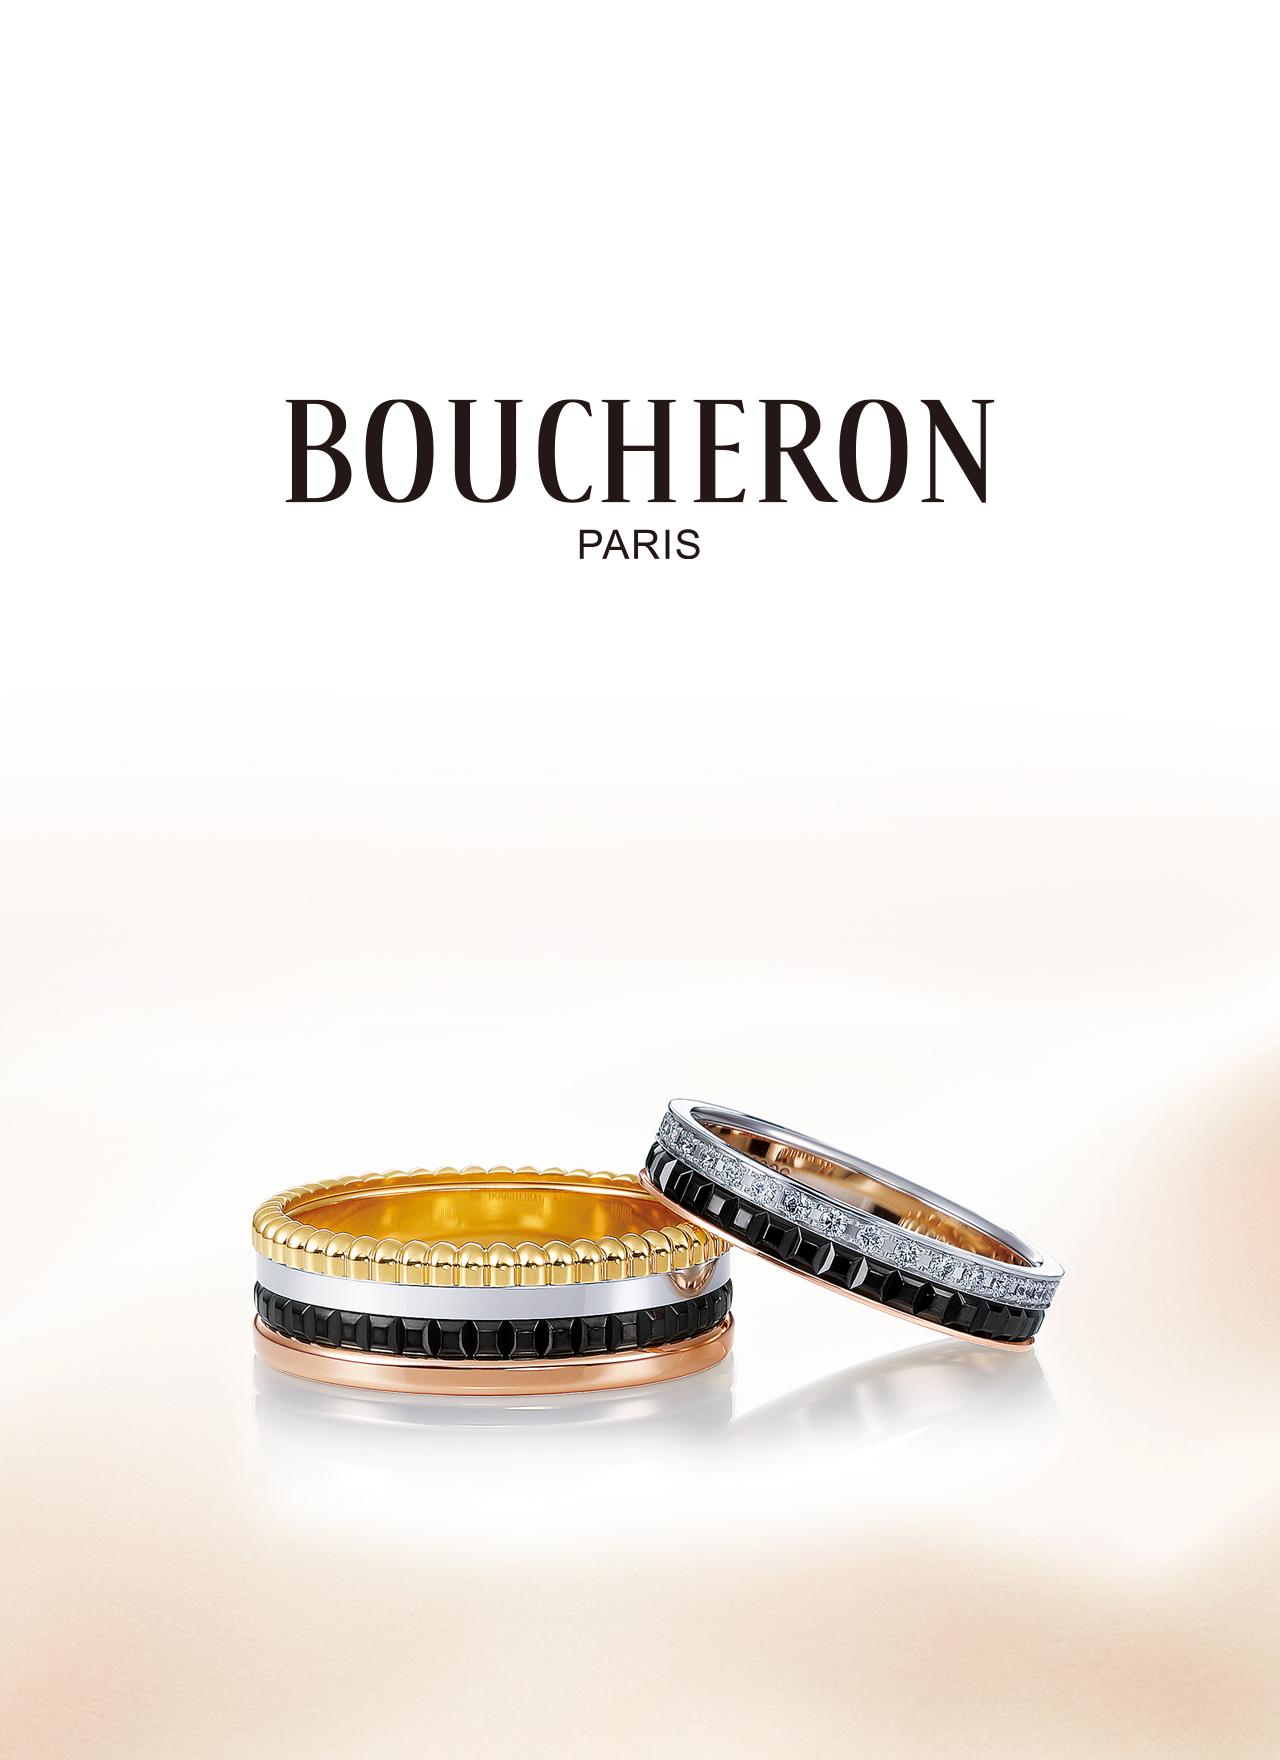 BOUCHERON (ブシュロン)